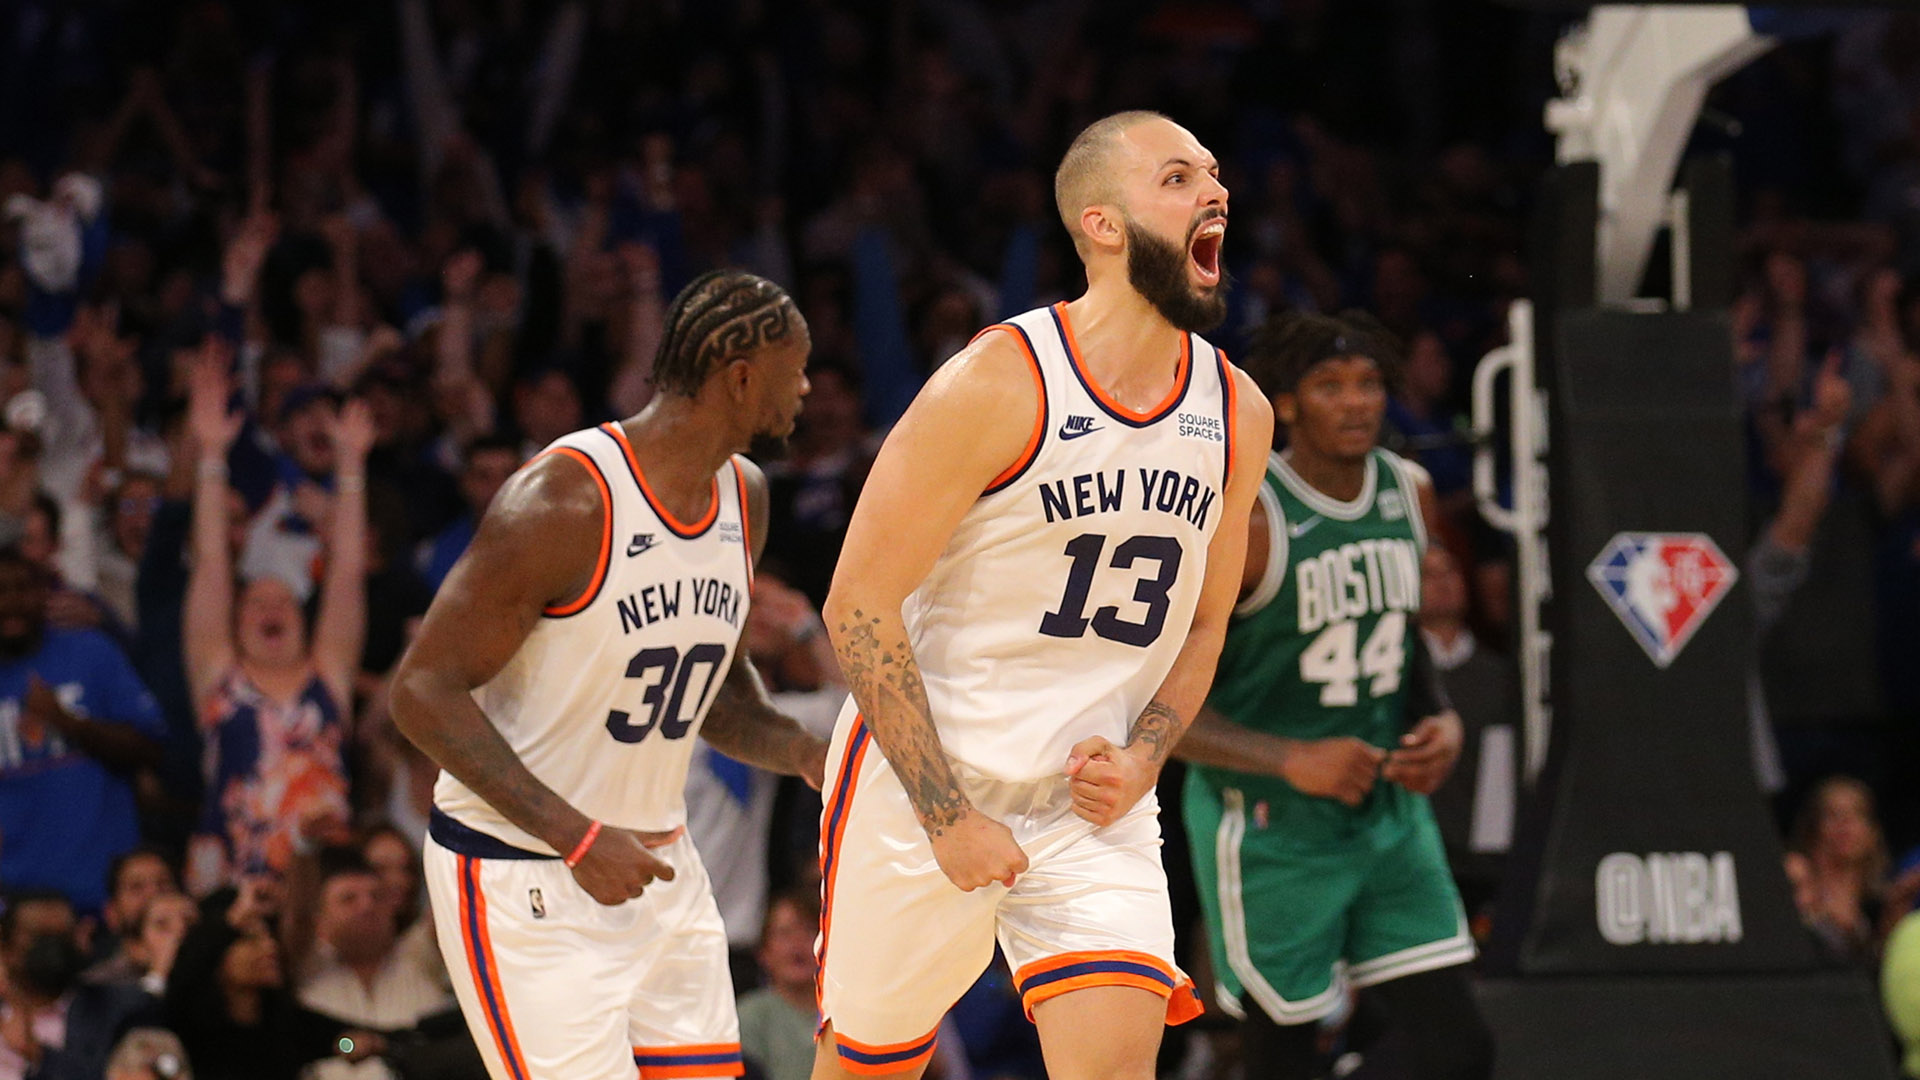 Full Focus: Knicks oust Celtics in wild 2OT thriller